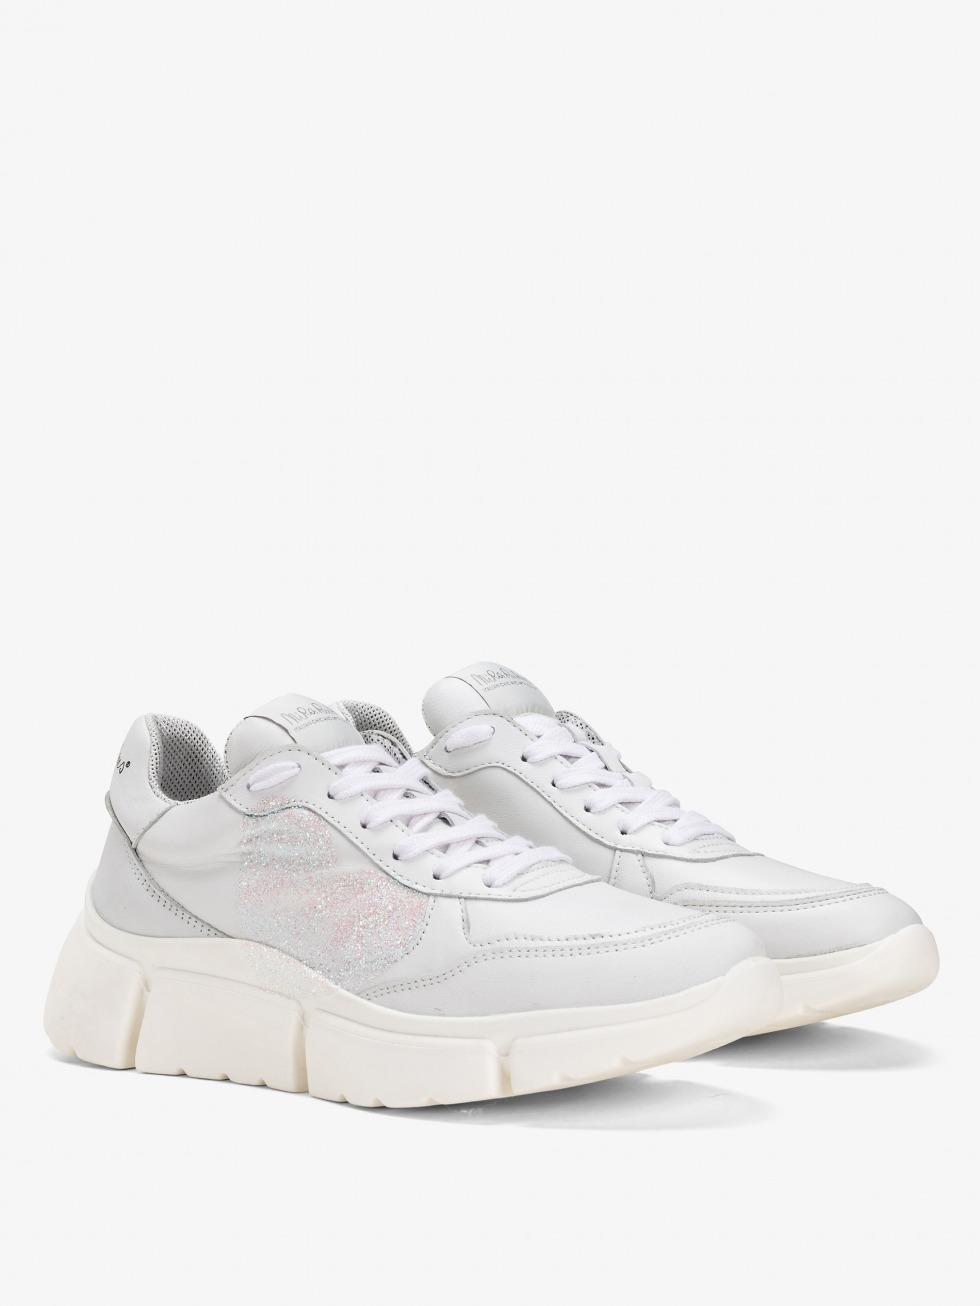 Stinger Chunky Sneakers - White Glitter Heart